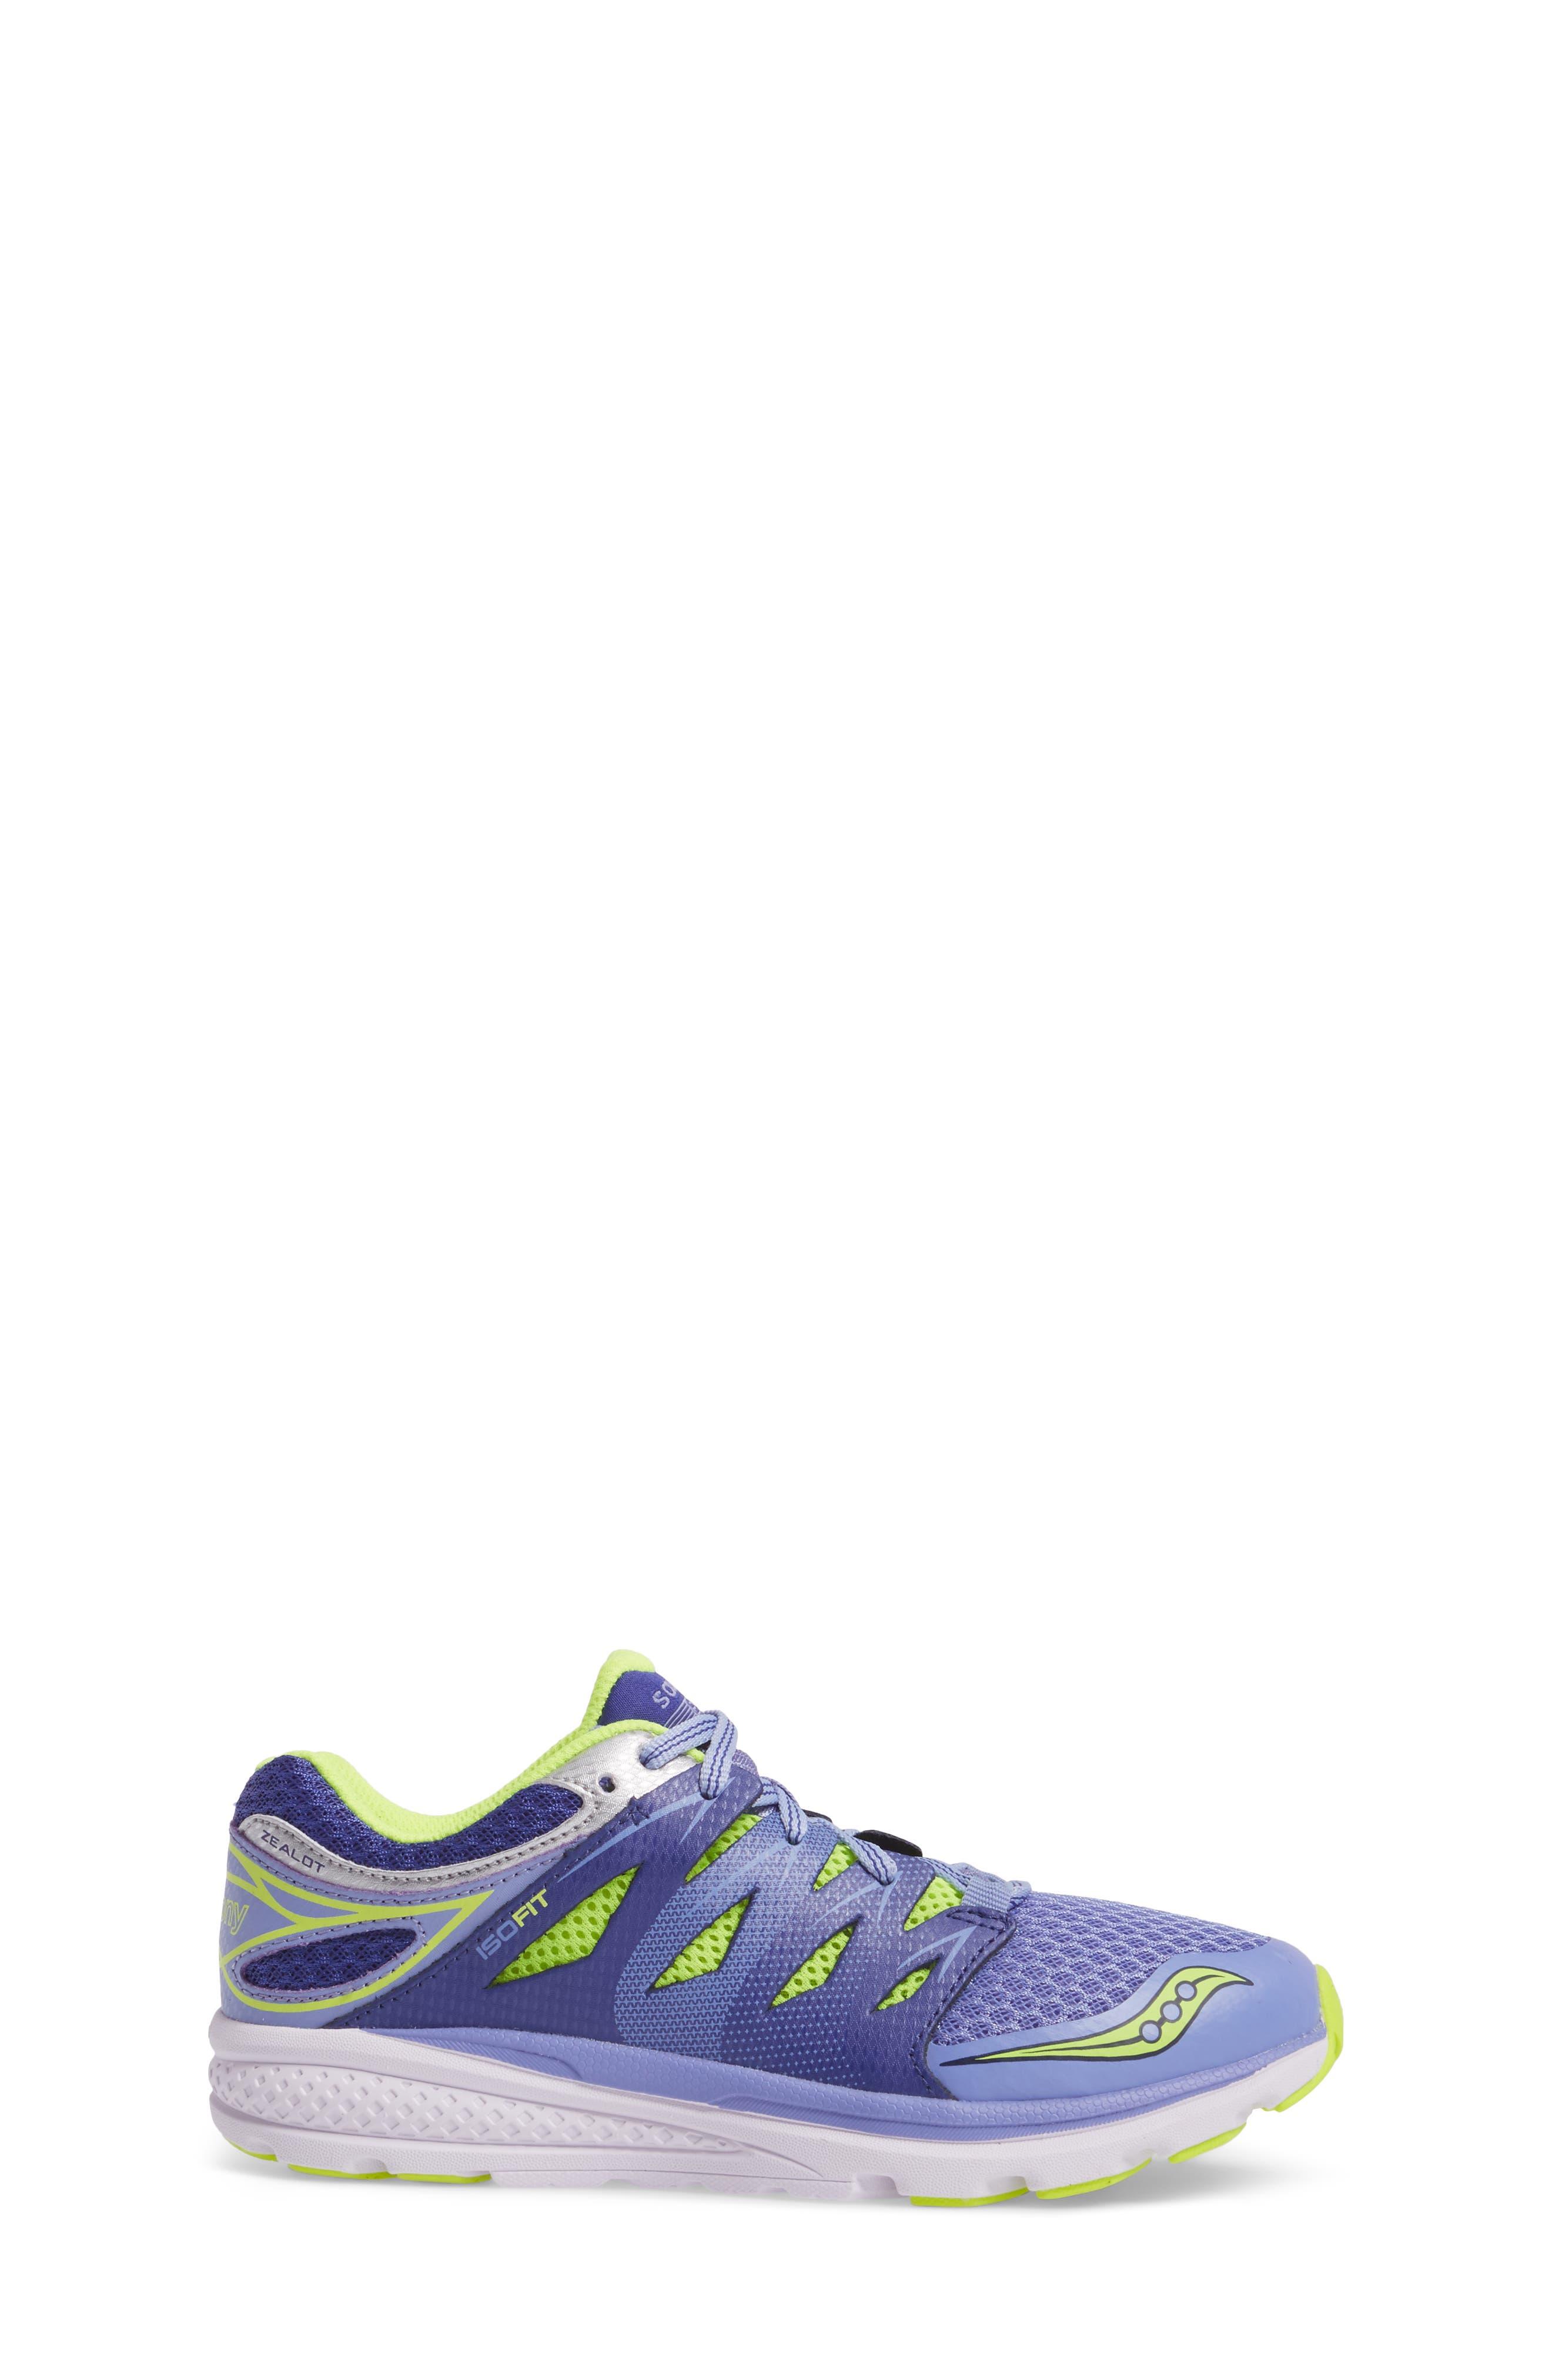 'Zealot 2' Athletic Shoe,                             Alternate thumbnail 3, color,                             Purple/ Blue